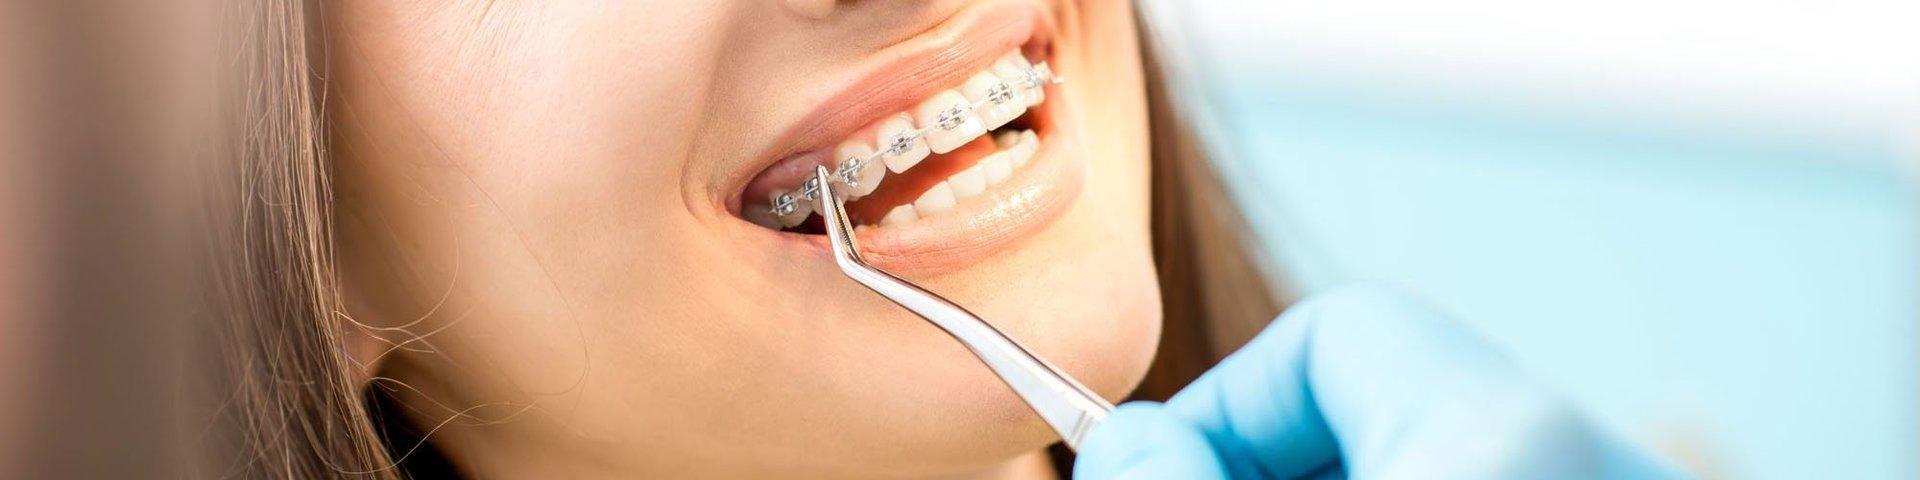 dentology dental care happy smile